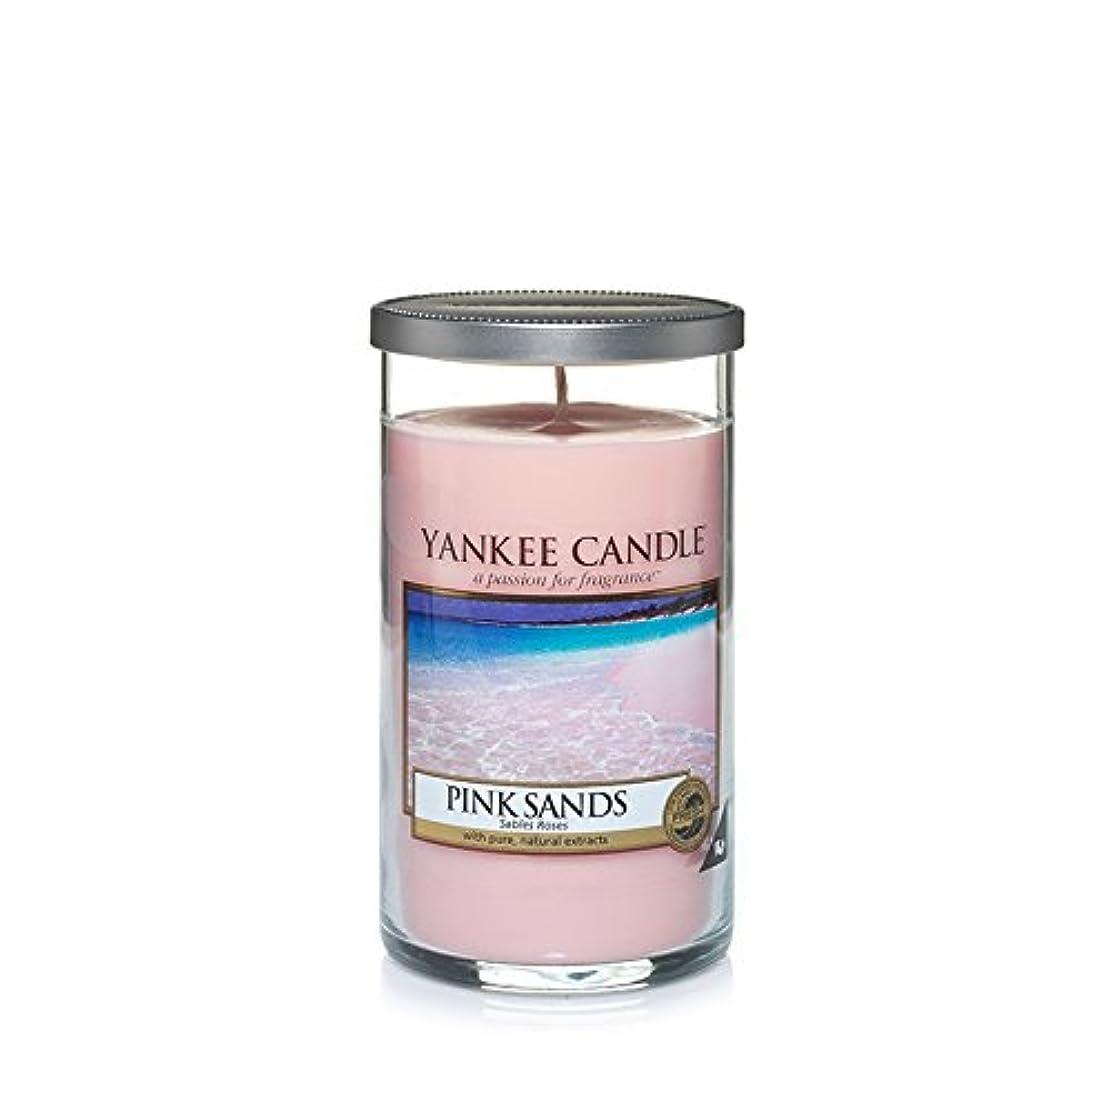 序文コンパニオン原理Yankee Candles Medium Pillar Candle - Pink Sands? (Pack of 2) - ヤンキーキャンドルメディアピラーキャンドル - ピンクの砂? (x2) [並行輸入品]